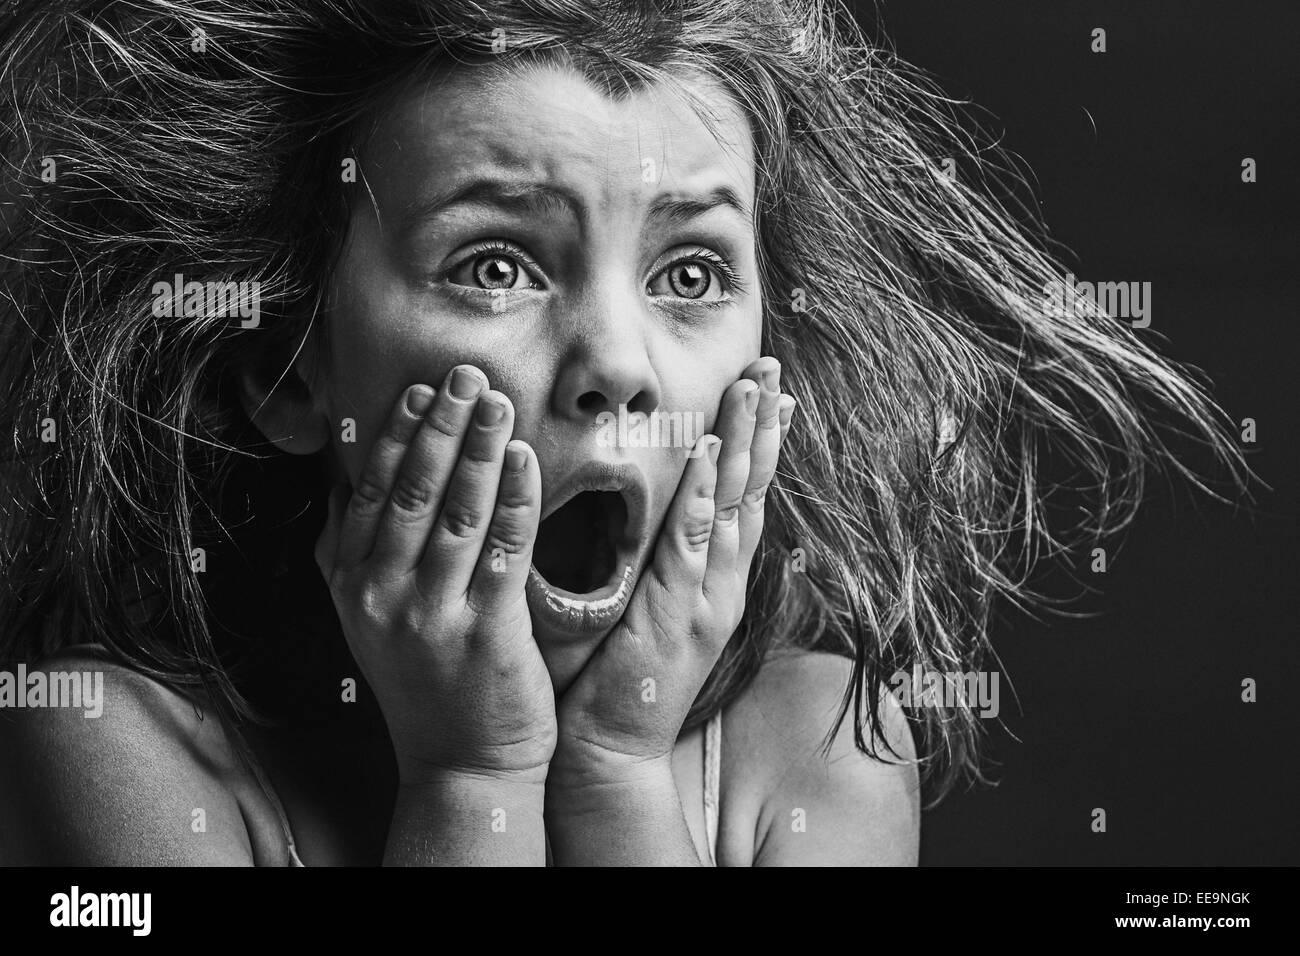 Immagine potente di paura bambino Immagini Stock